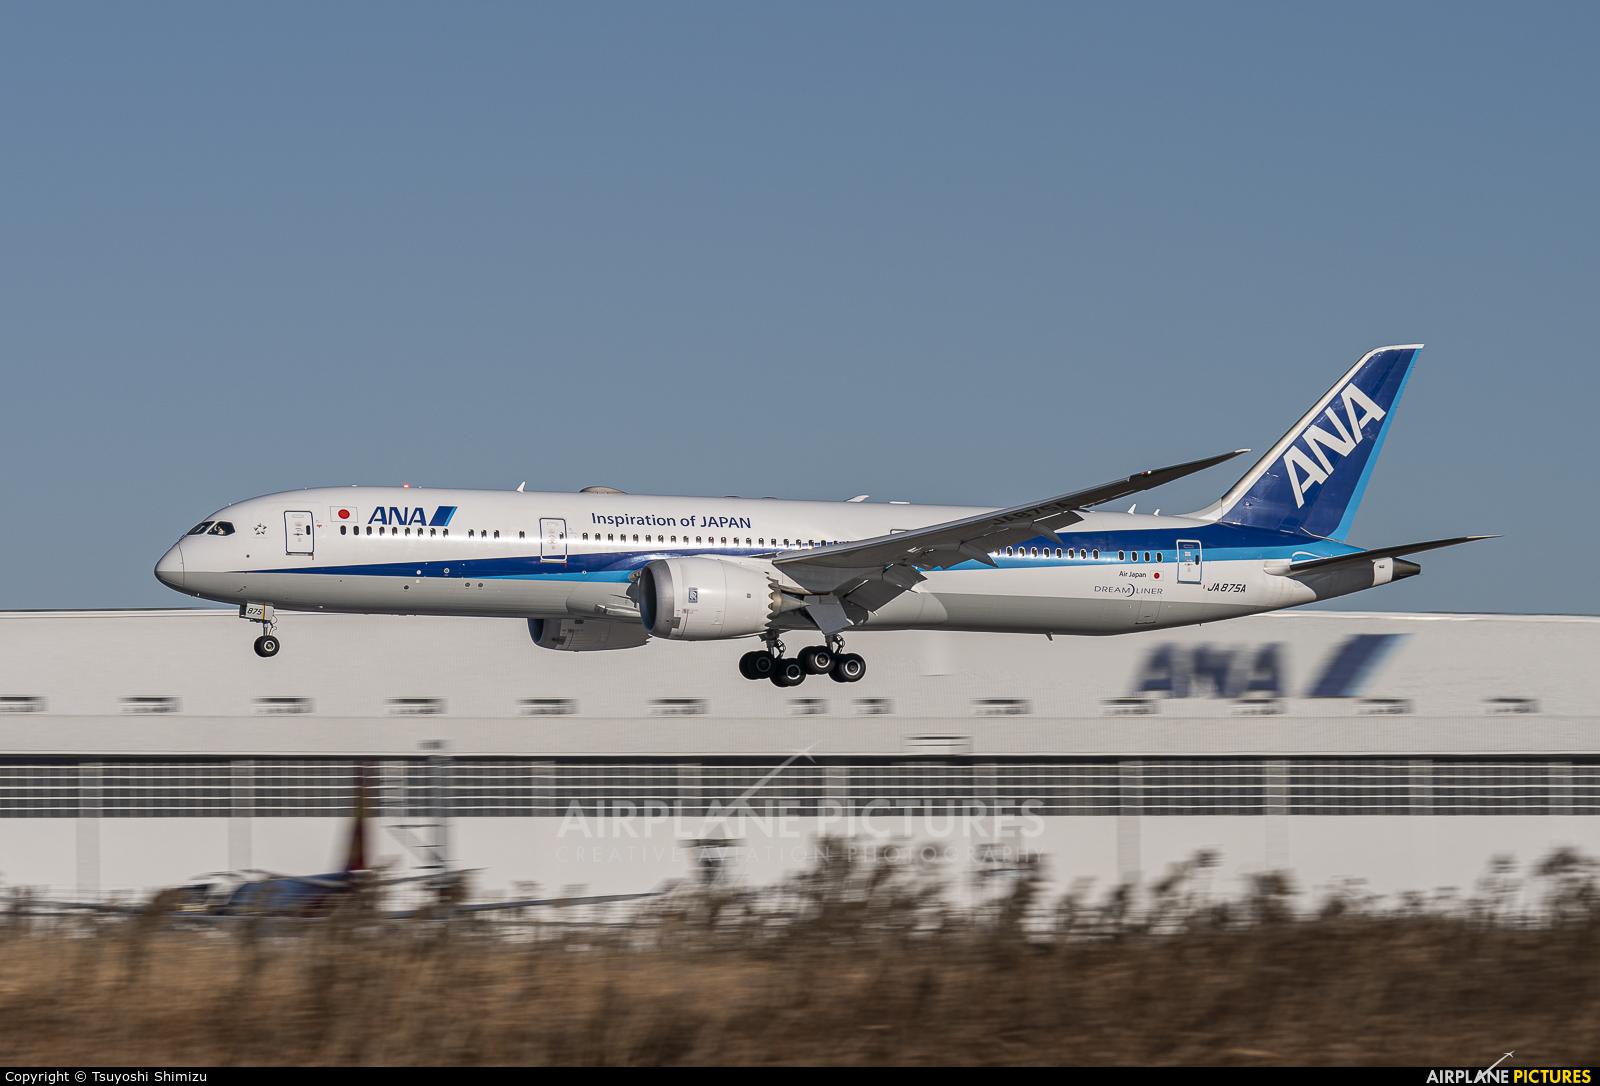 ANA - All Nippon Airways JA875A aircraft at Tokyo - Narita Intl